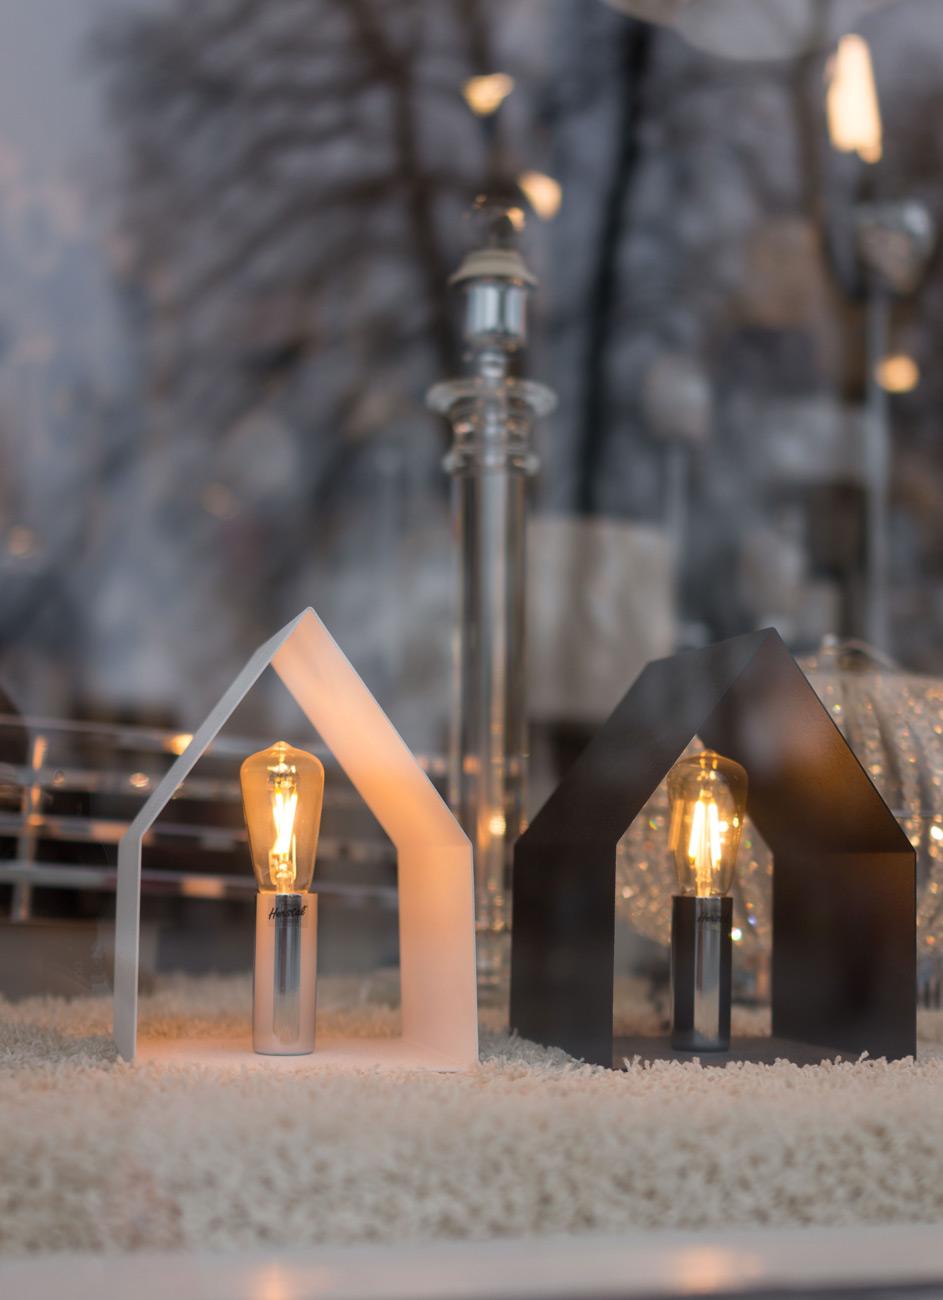 skien-by-blomquist-lie-lampe-3